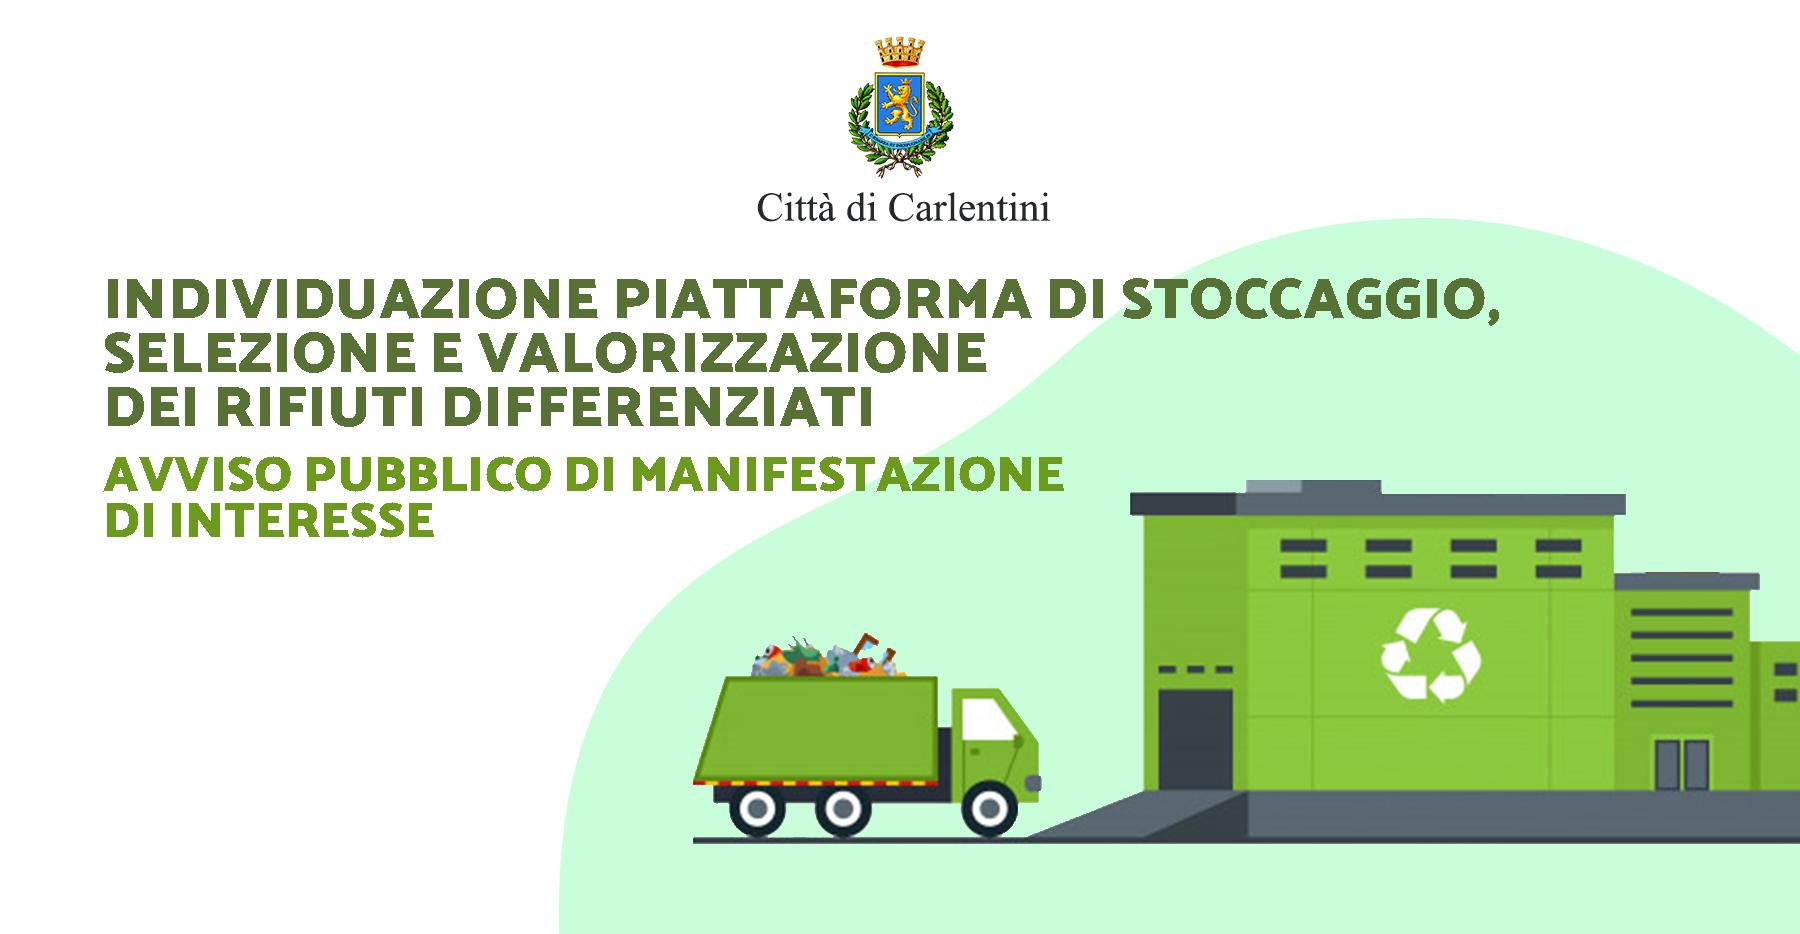 Individuazione piattaforma di stoccaggio, selezione e valorizzazione dei rifiuti differenziati: manifestazione di interesse